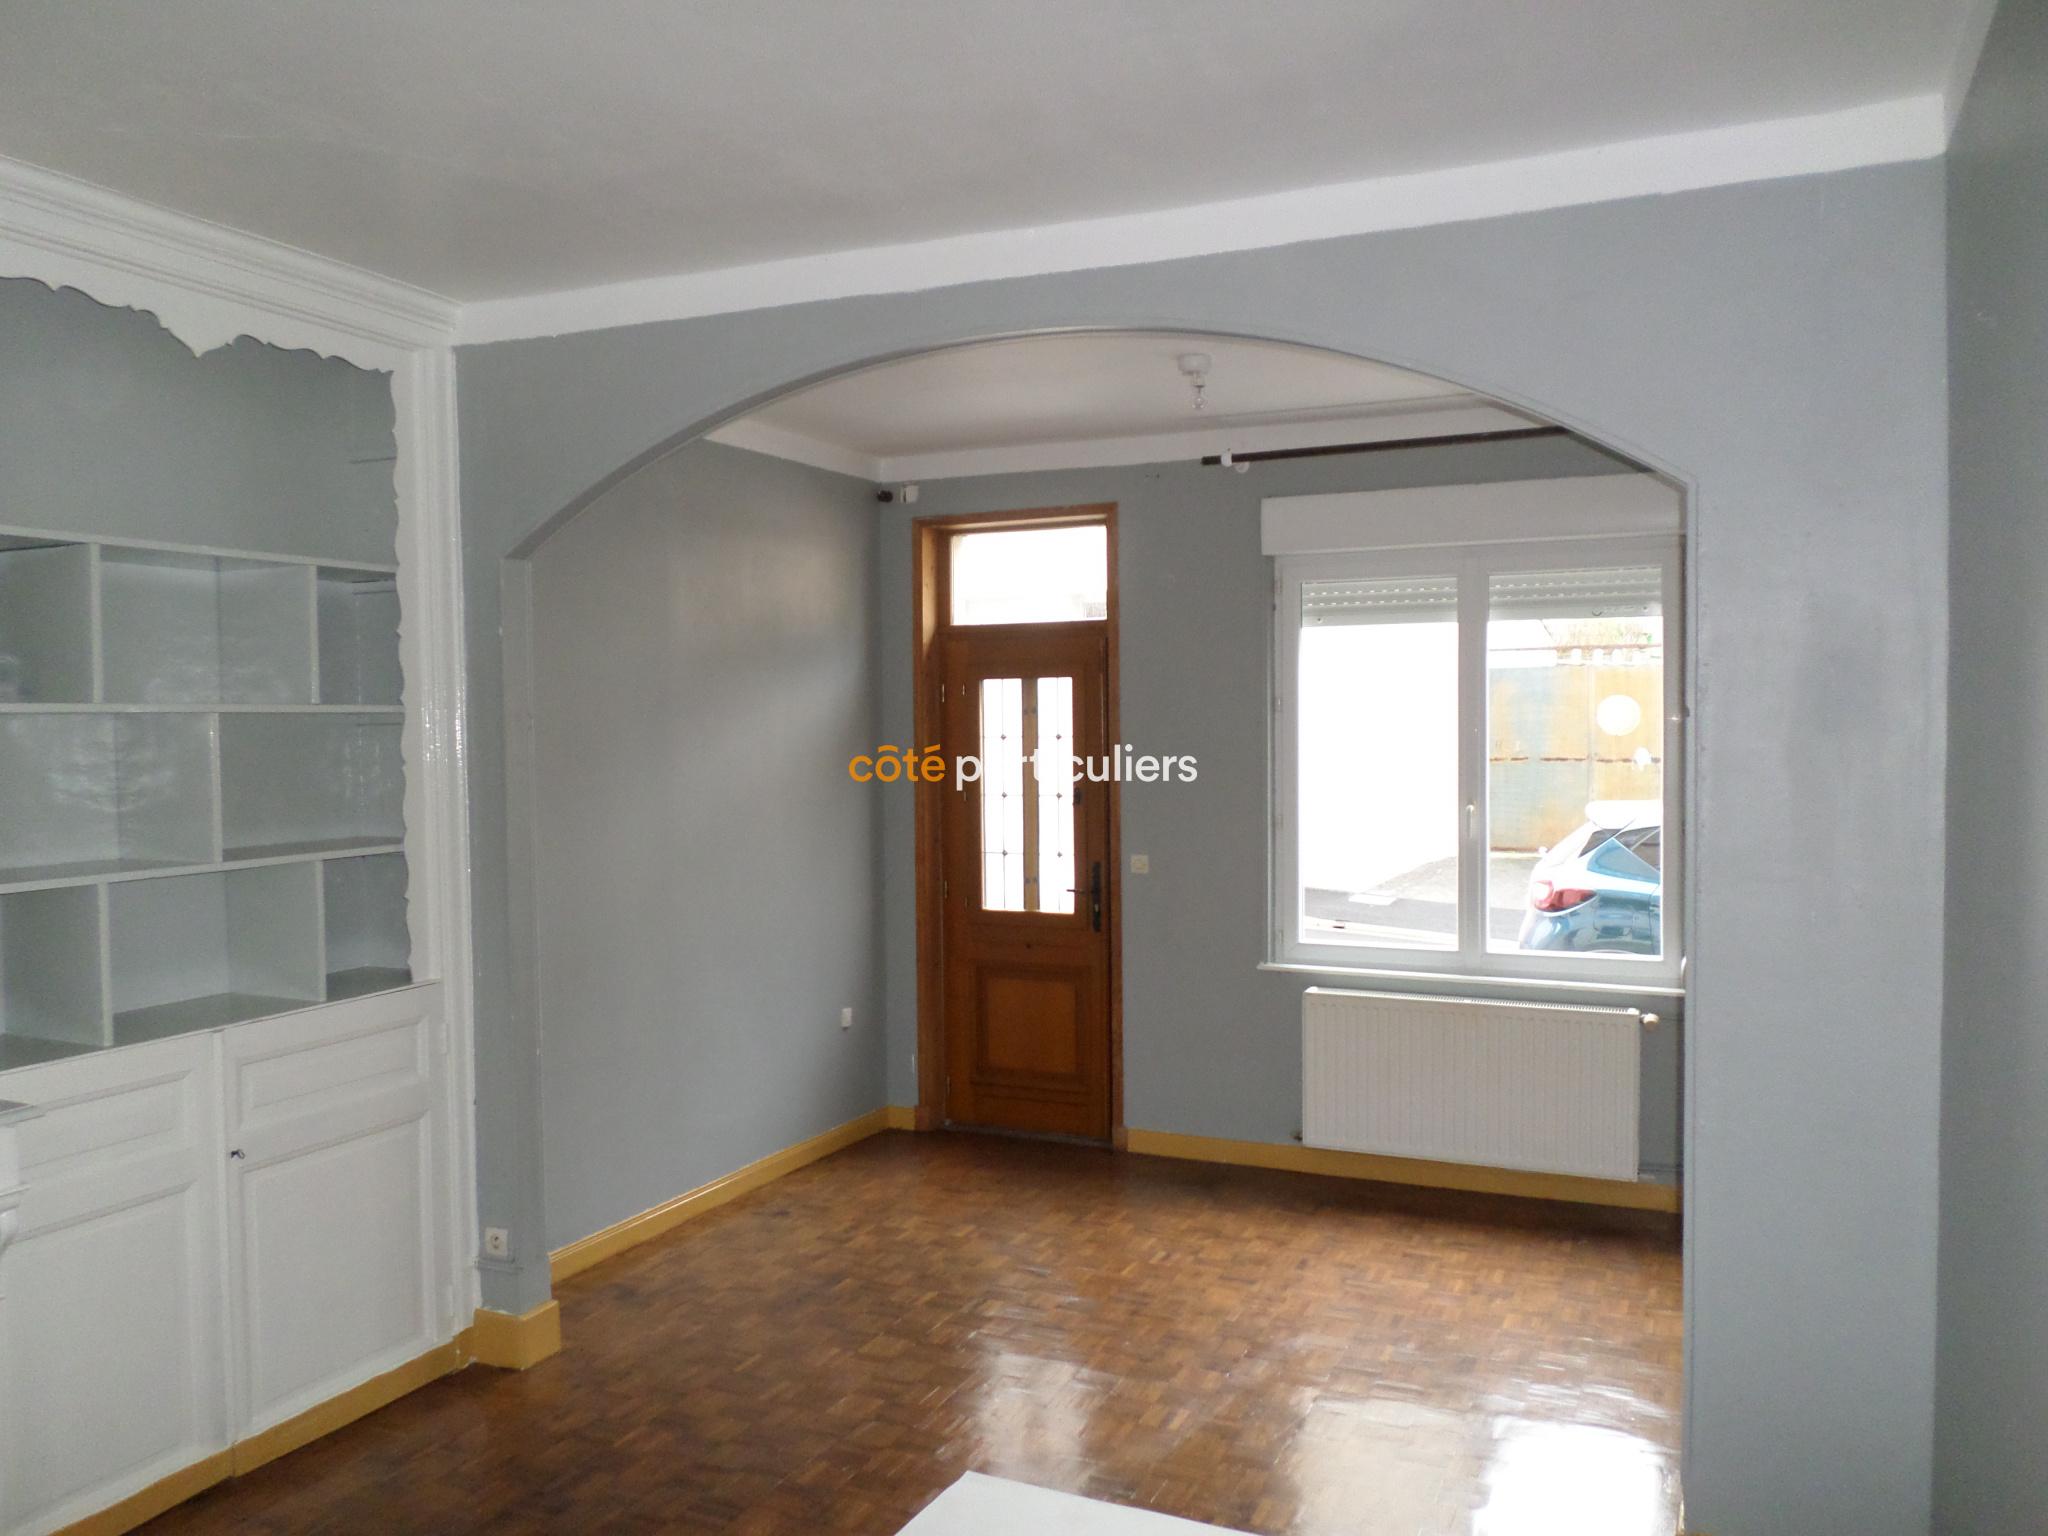 Salle De Bain Borgne immobilier - vente et location appartements, maisons